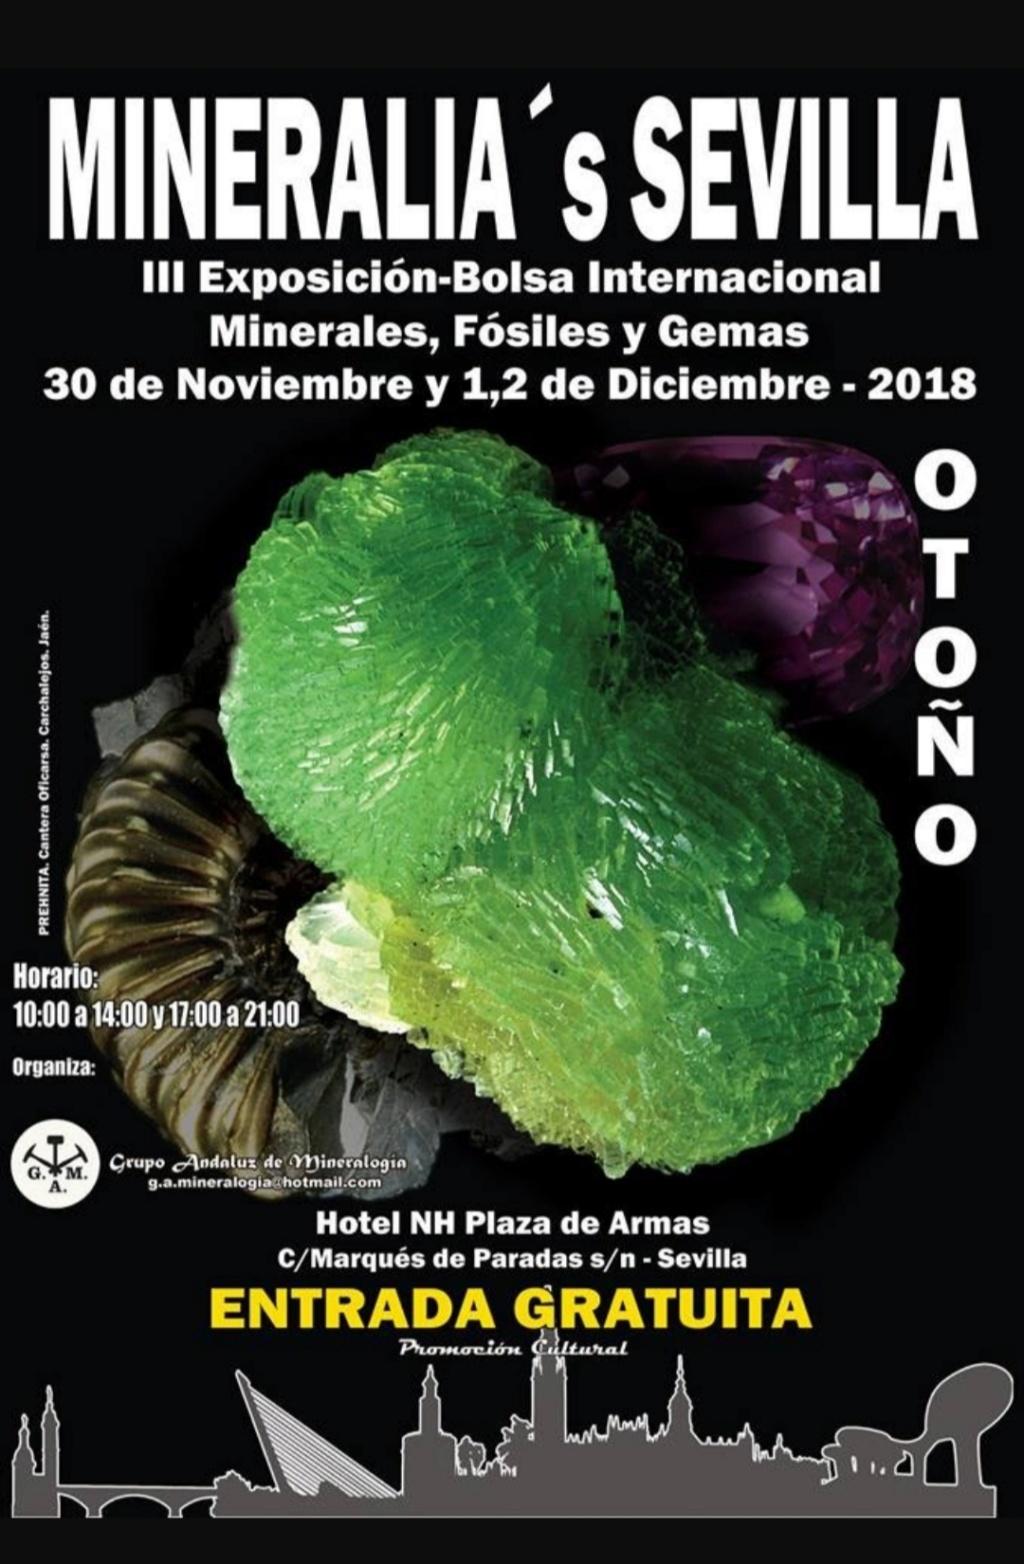 Ferias mes de Diciembre 20181118